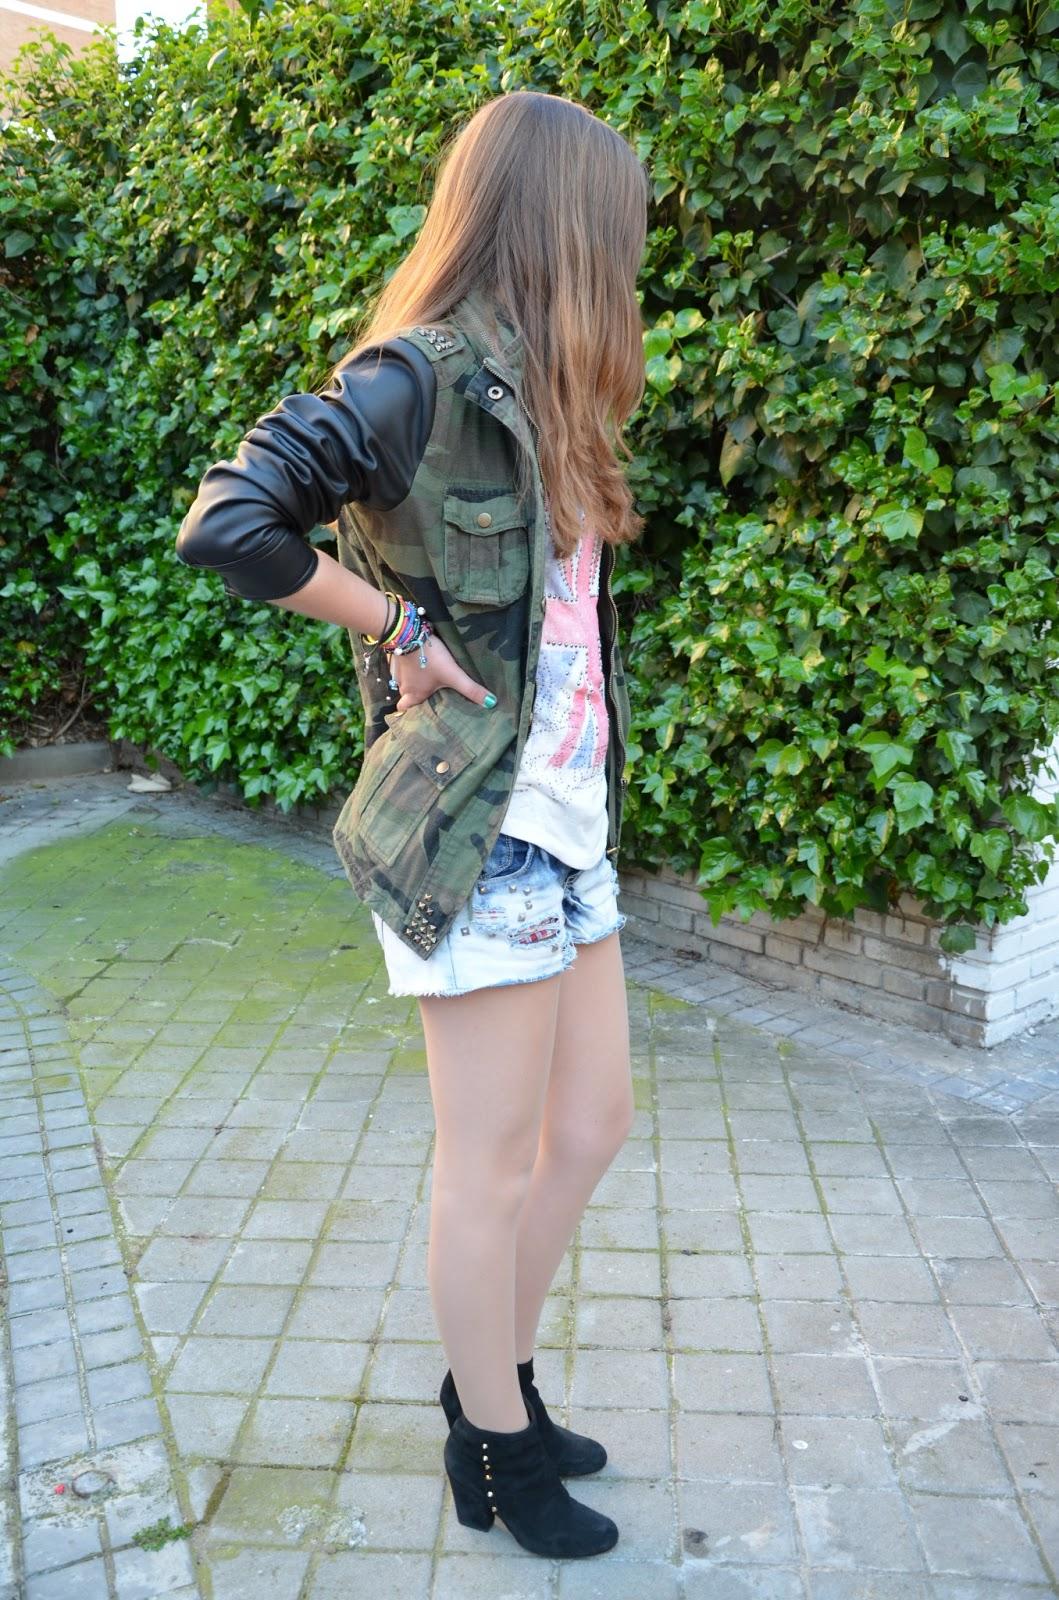 Claire S Fashions Inc Wilmington De